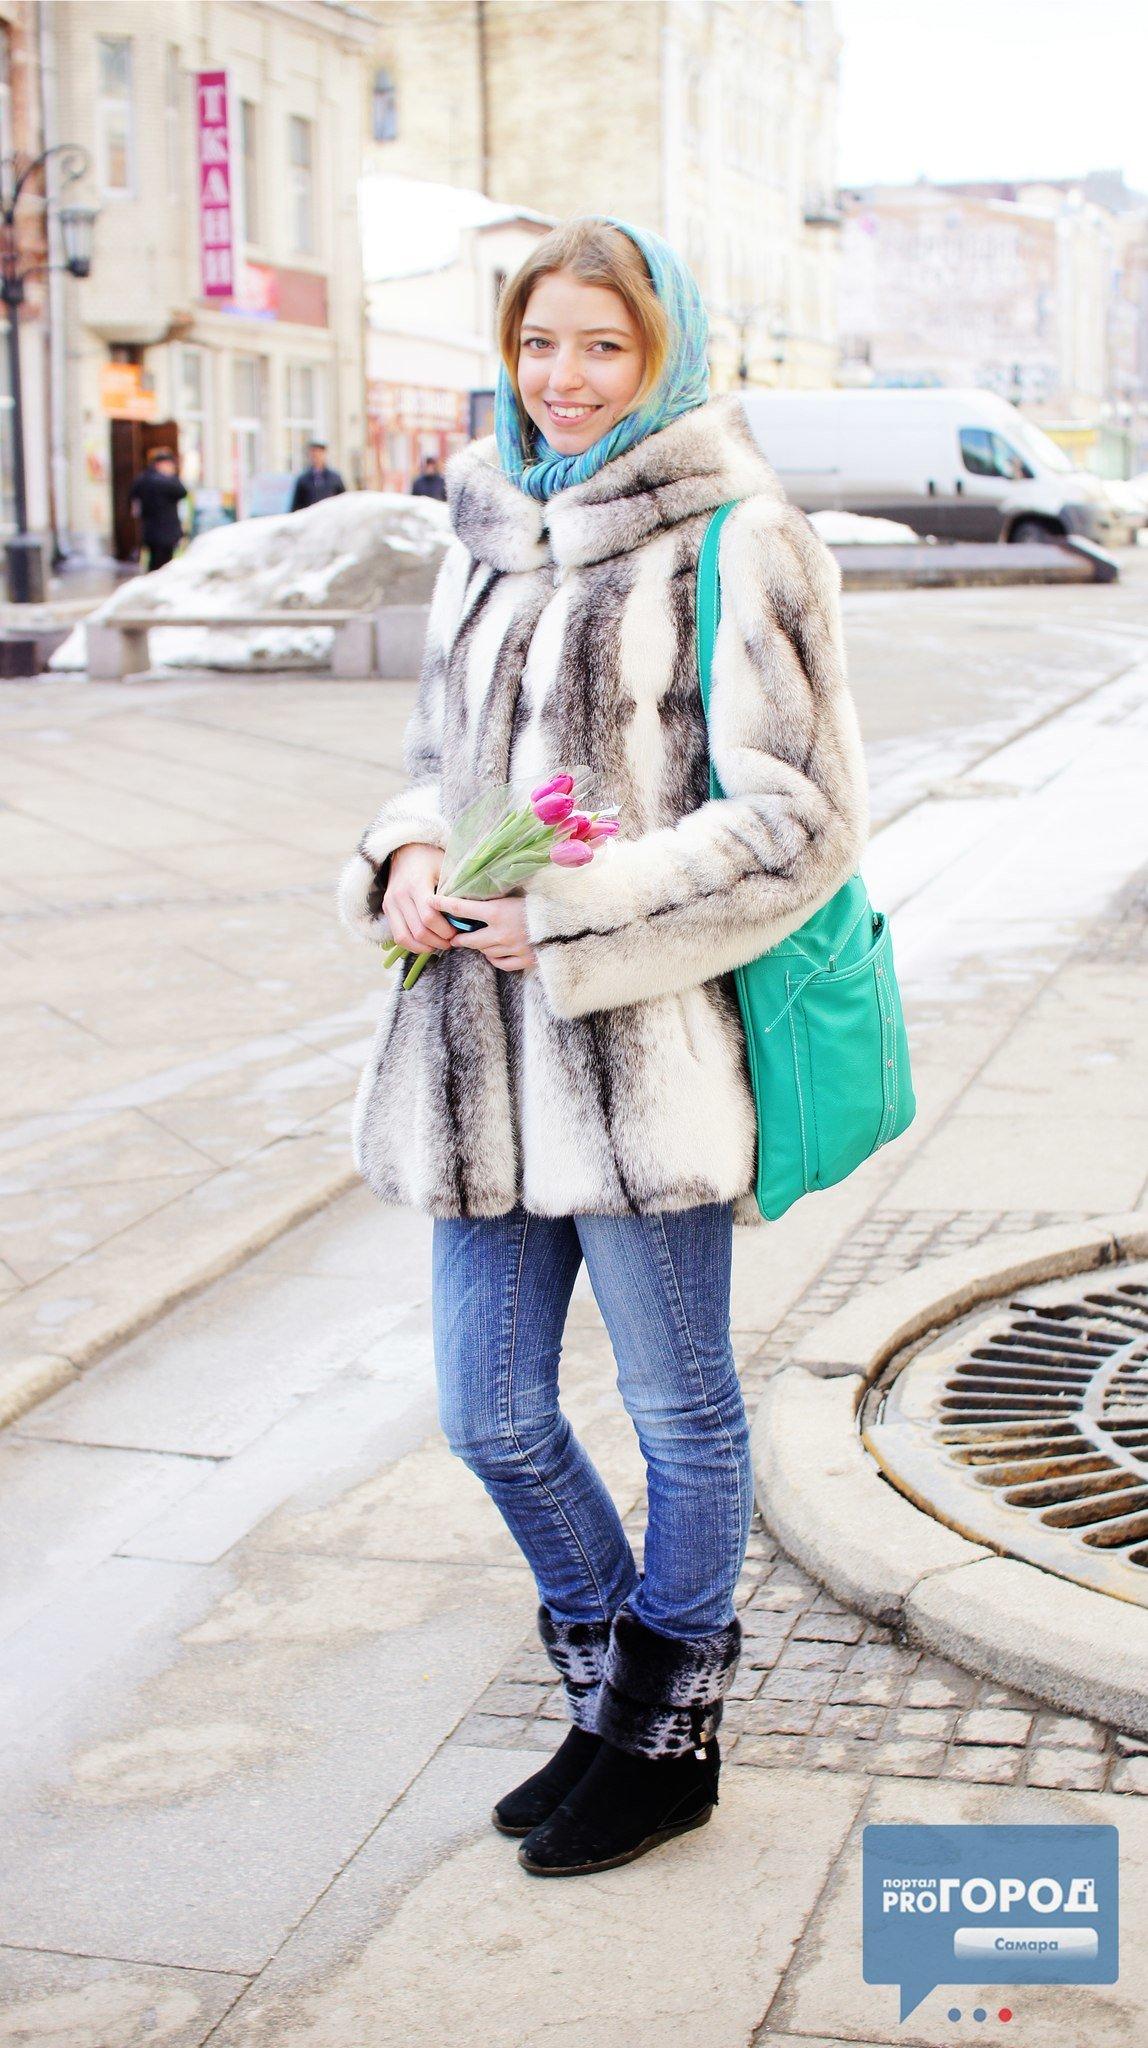 вид, как носить шарф с шубой фото сапоги туфли стоят